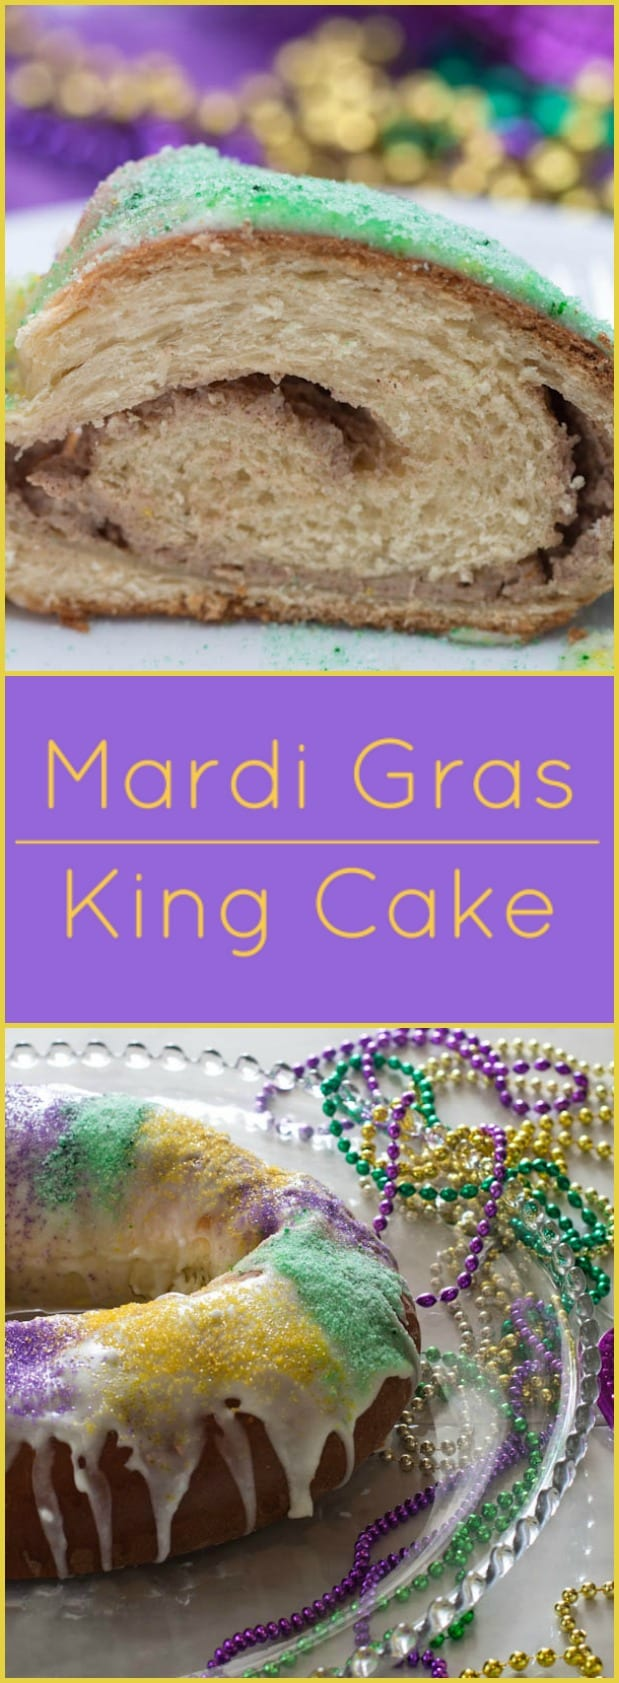 Apple Filled King Cake Recipe